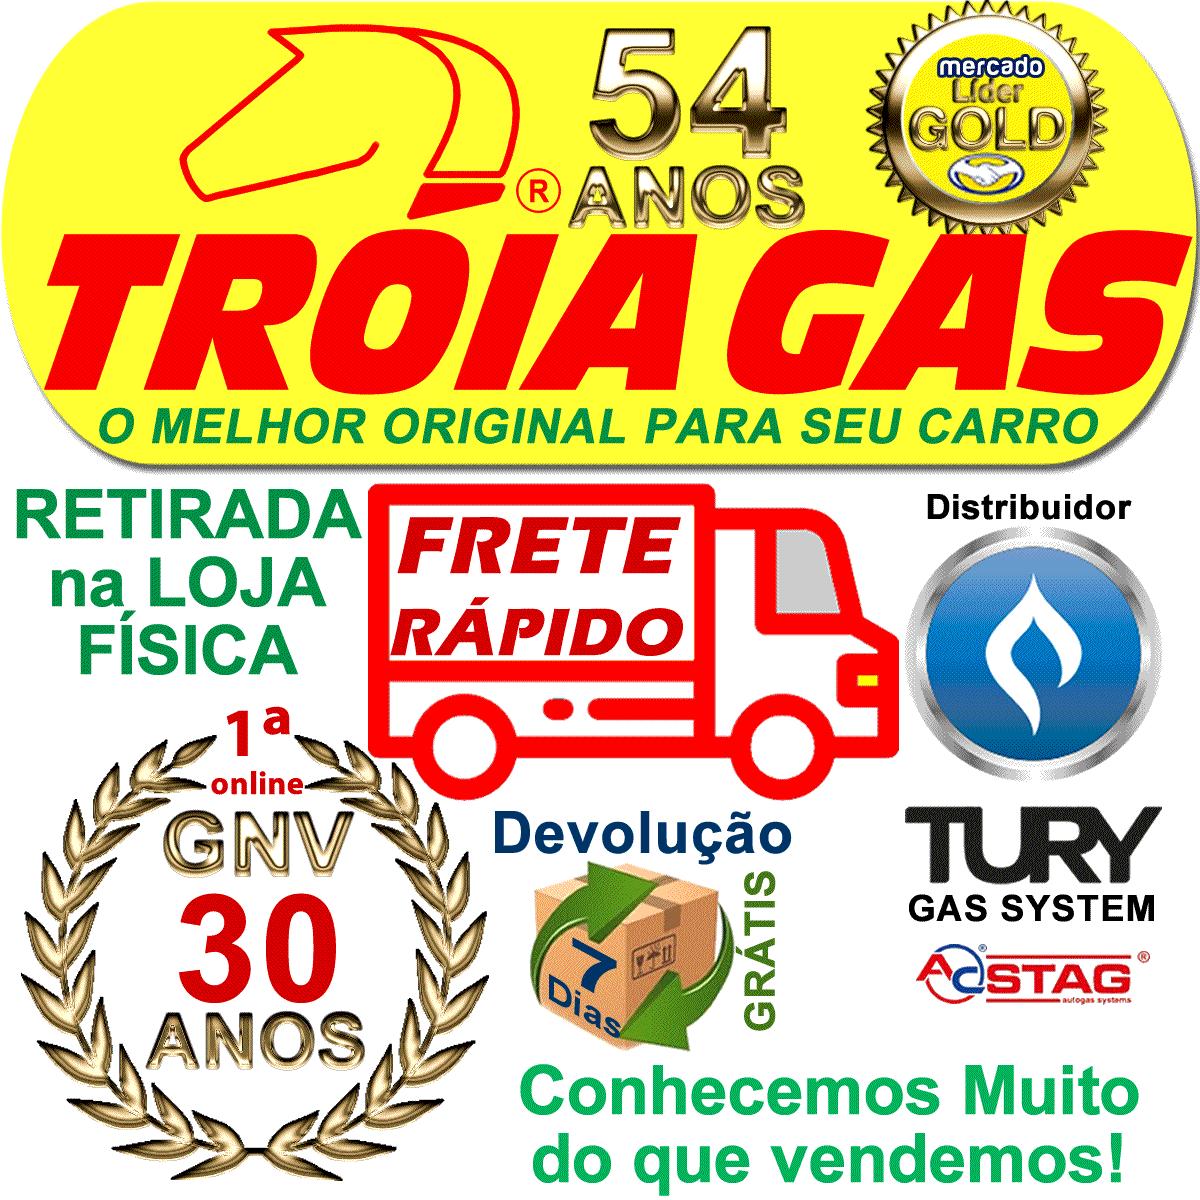 Redutor GNV 5ª Geração Landi Renzo NG1 até 150 Hp Italiano Original